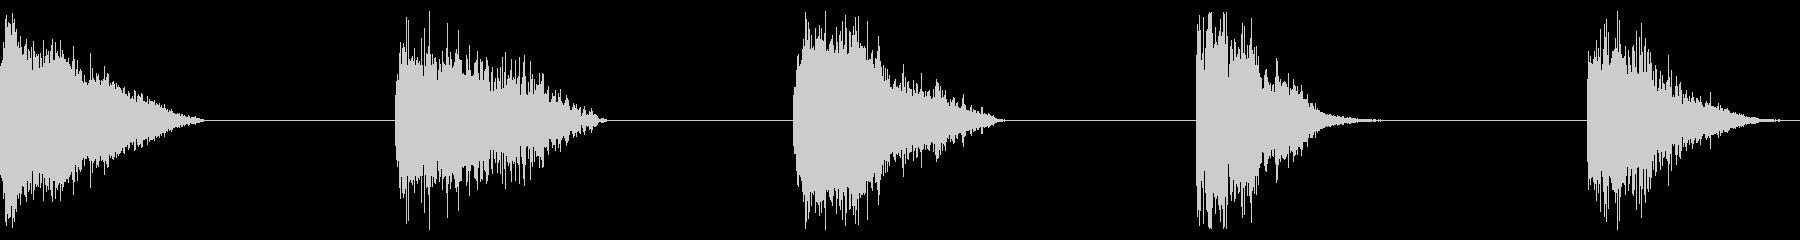 爆発、5バージョン。 DIGIFF...の未再生の波形